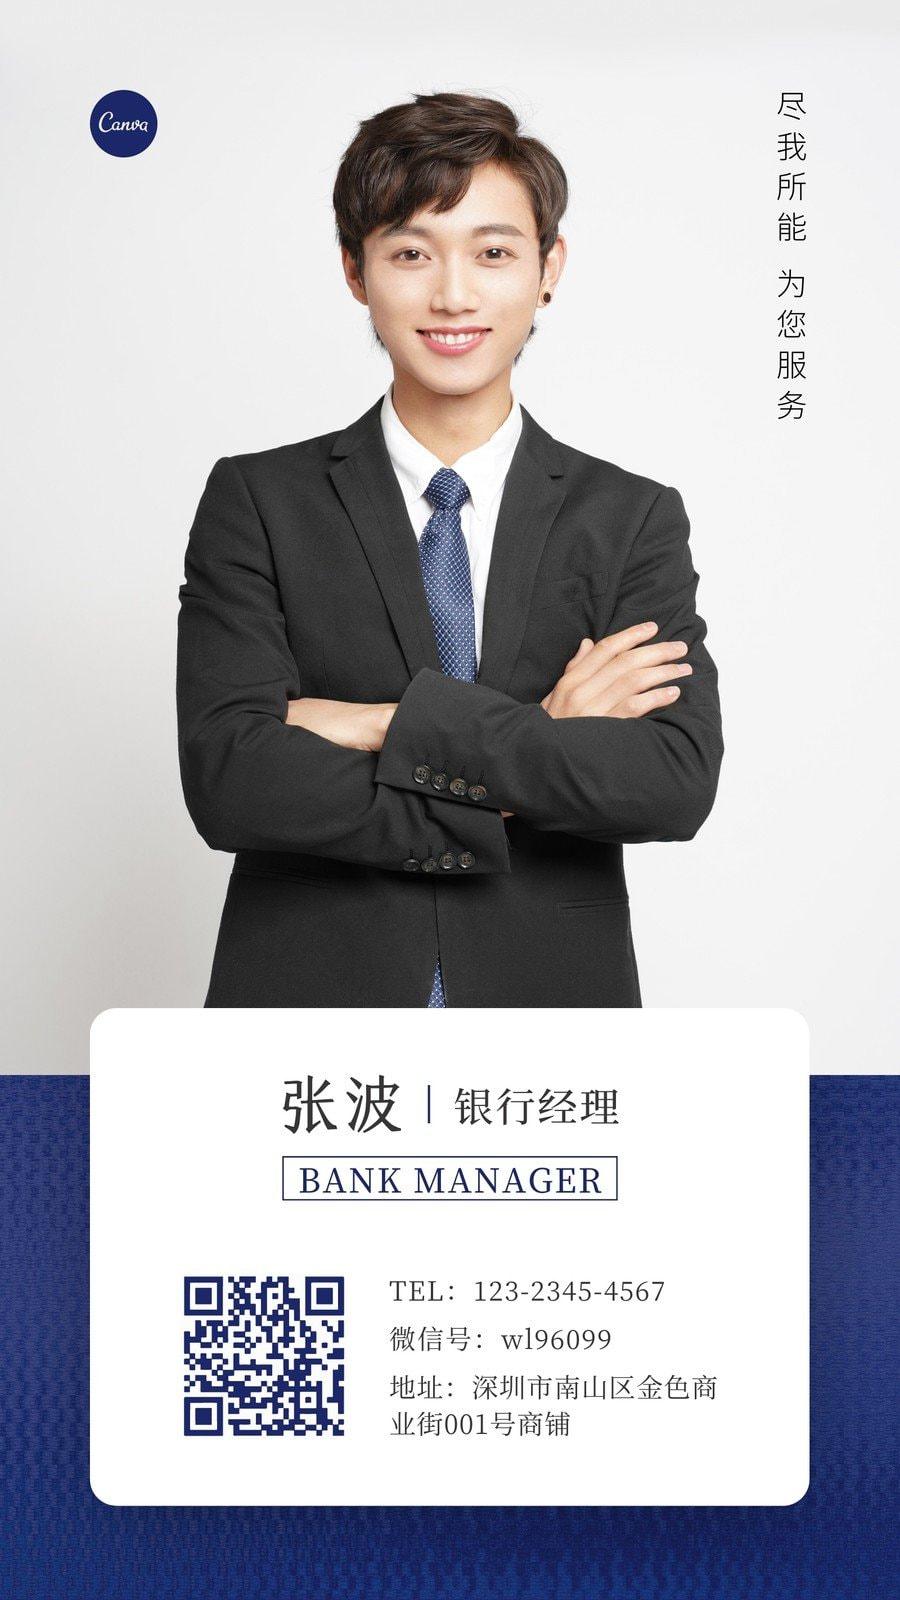 蓝金色银行金融人物照片个人宣传中文电子名片